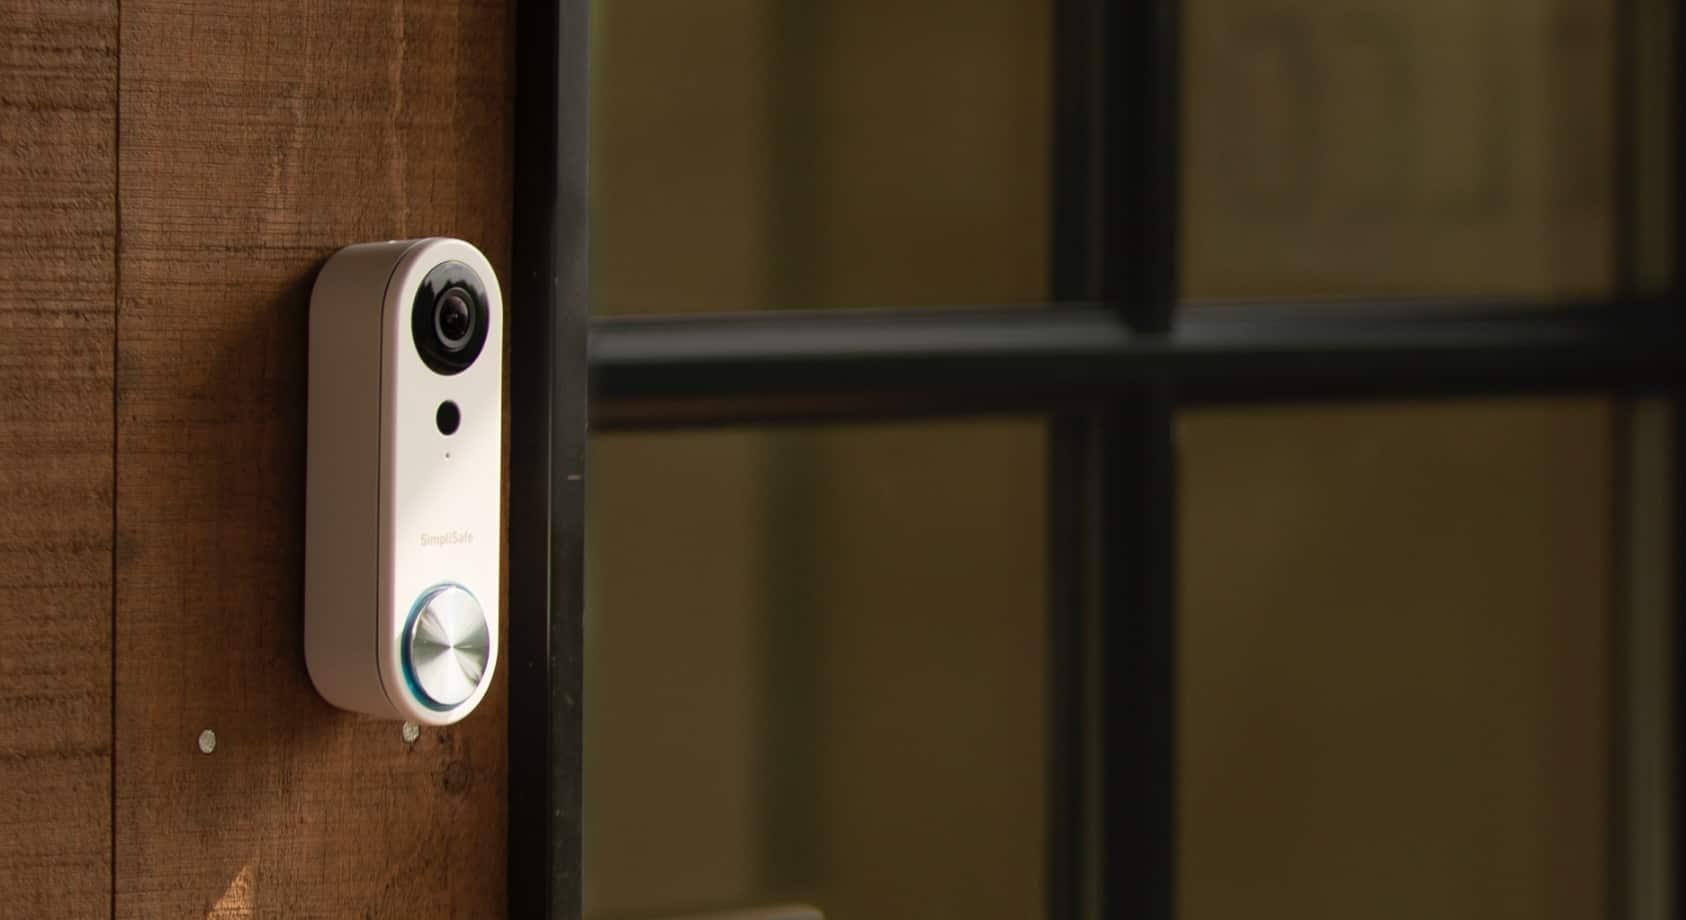 vivint doorbell camera installation instructions